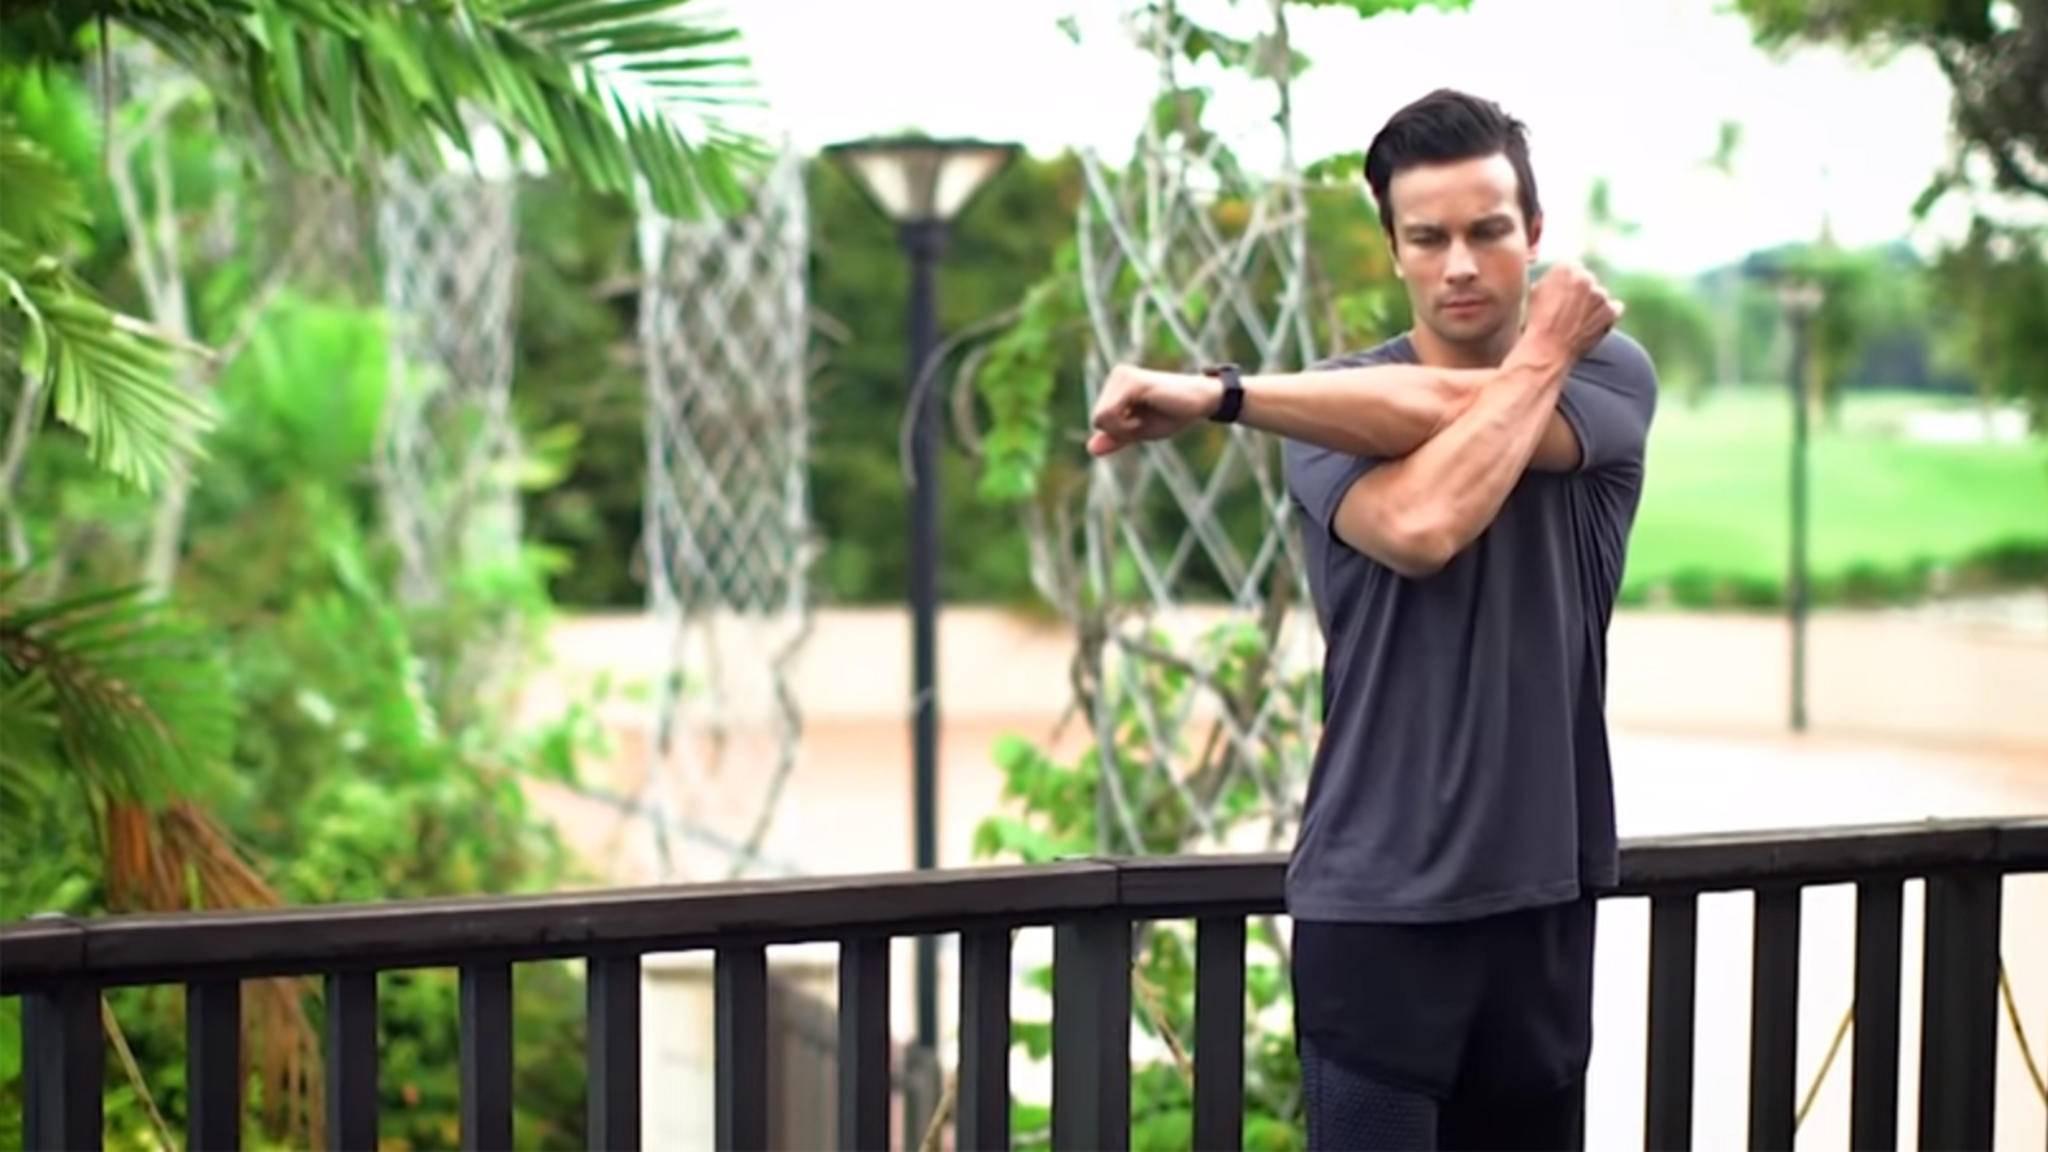 Die Huawei Fit ist eine smarte Fitnessuhr, das neue Huawei Sports Band fällt eher in die Fitness-Tracker-Kategorie.